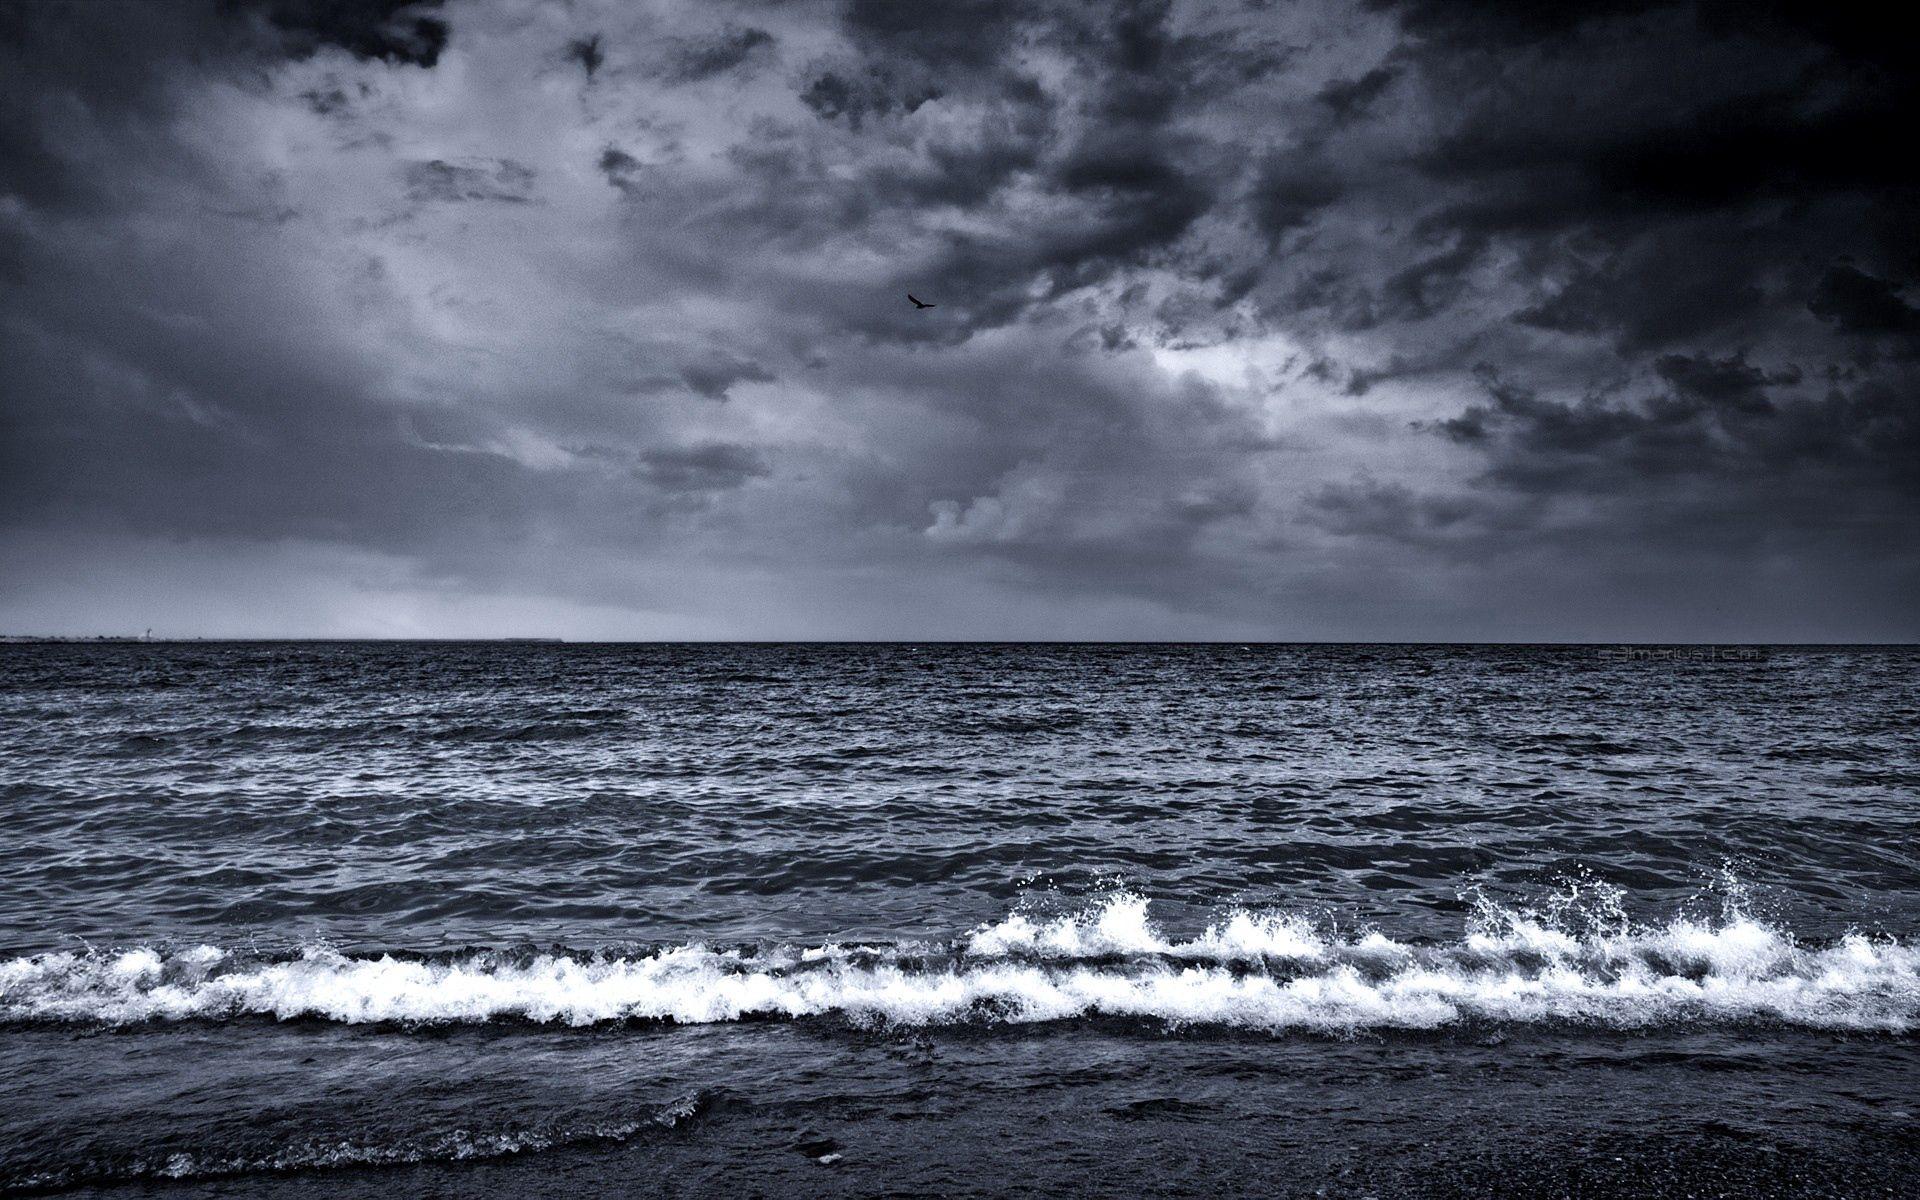 138546 Заставки и Обои Волны на телефон. Скачать Природа, Море, Прибой, Пена, Чб, Волны картинки бесплатно